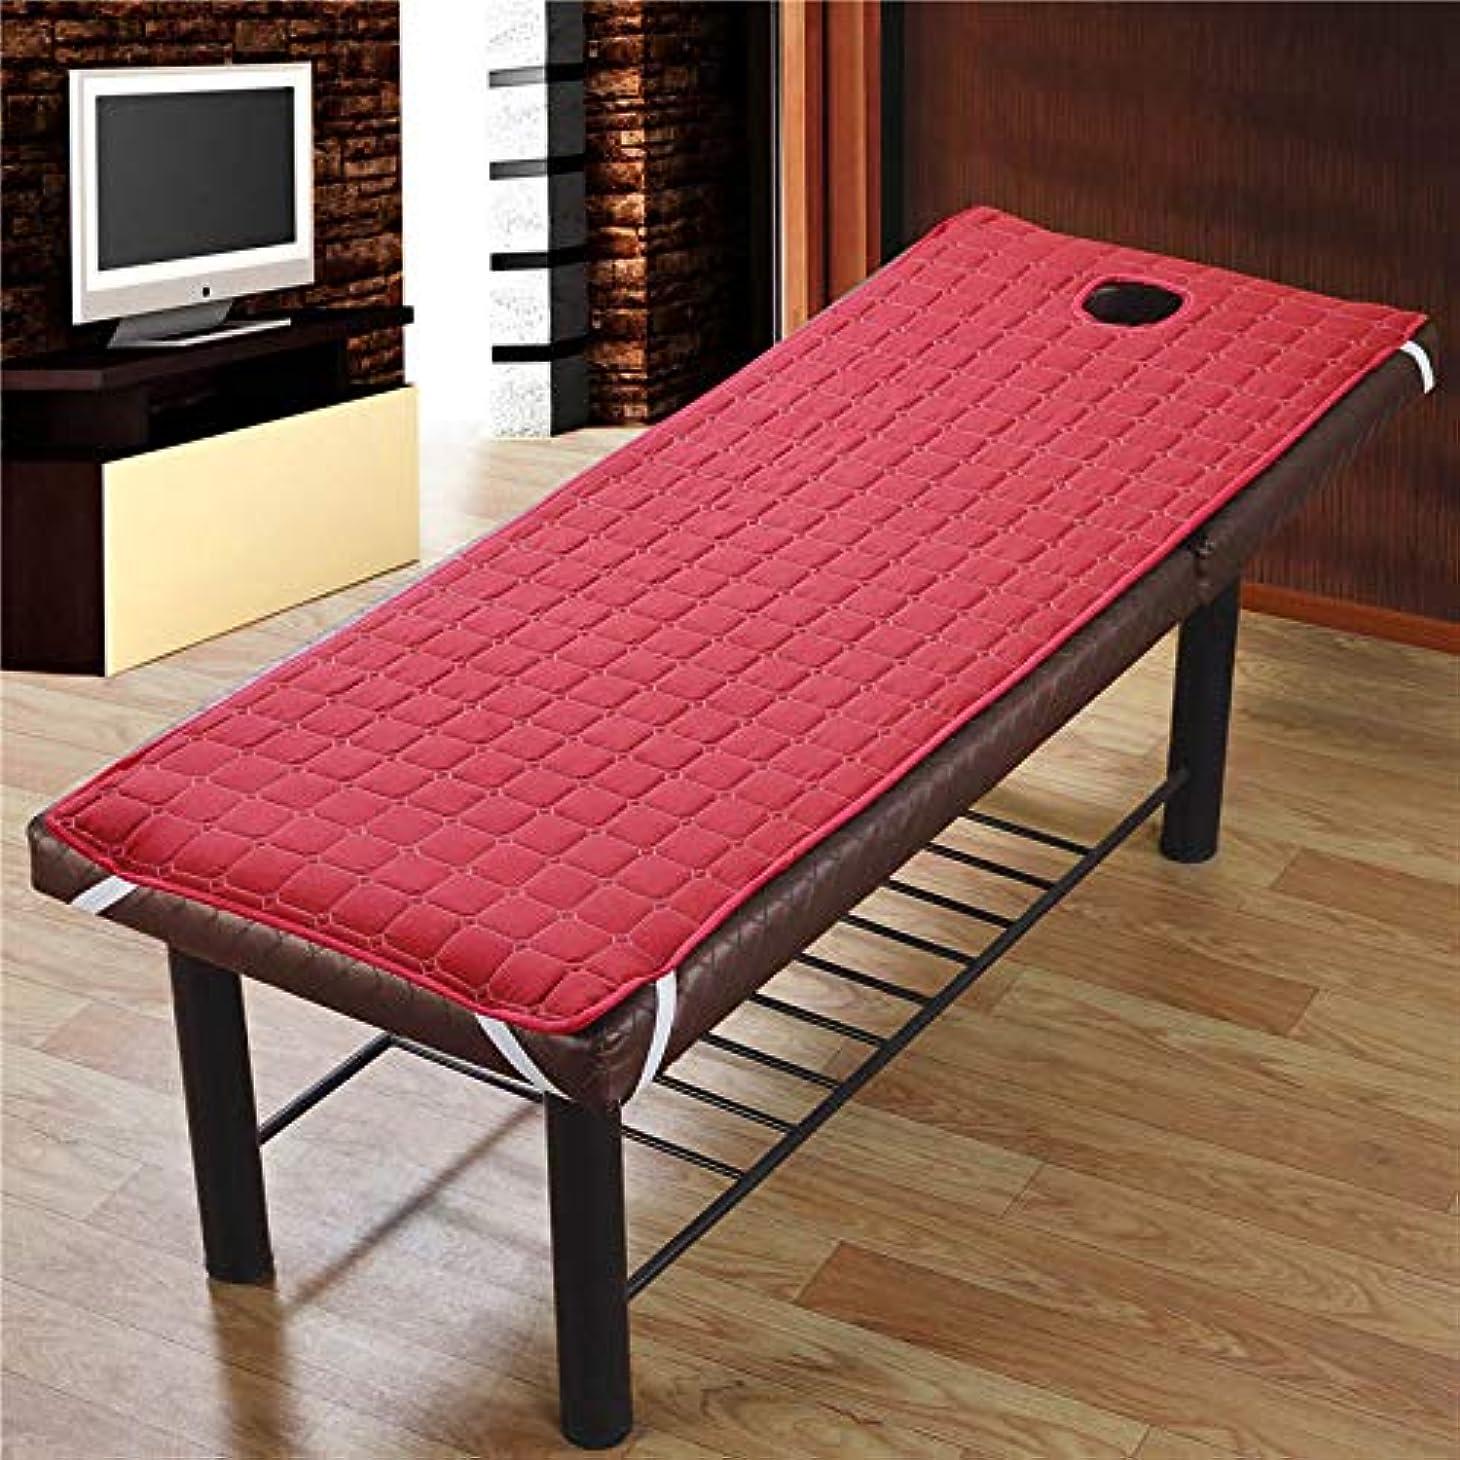 エゴマニア疑問を超えて放映Funtoget  美容院のマッサージ療法のベッドのための滑り止めのSoliod色の長方形のマットレス